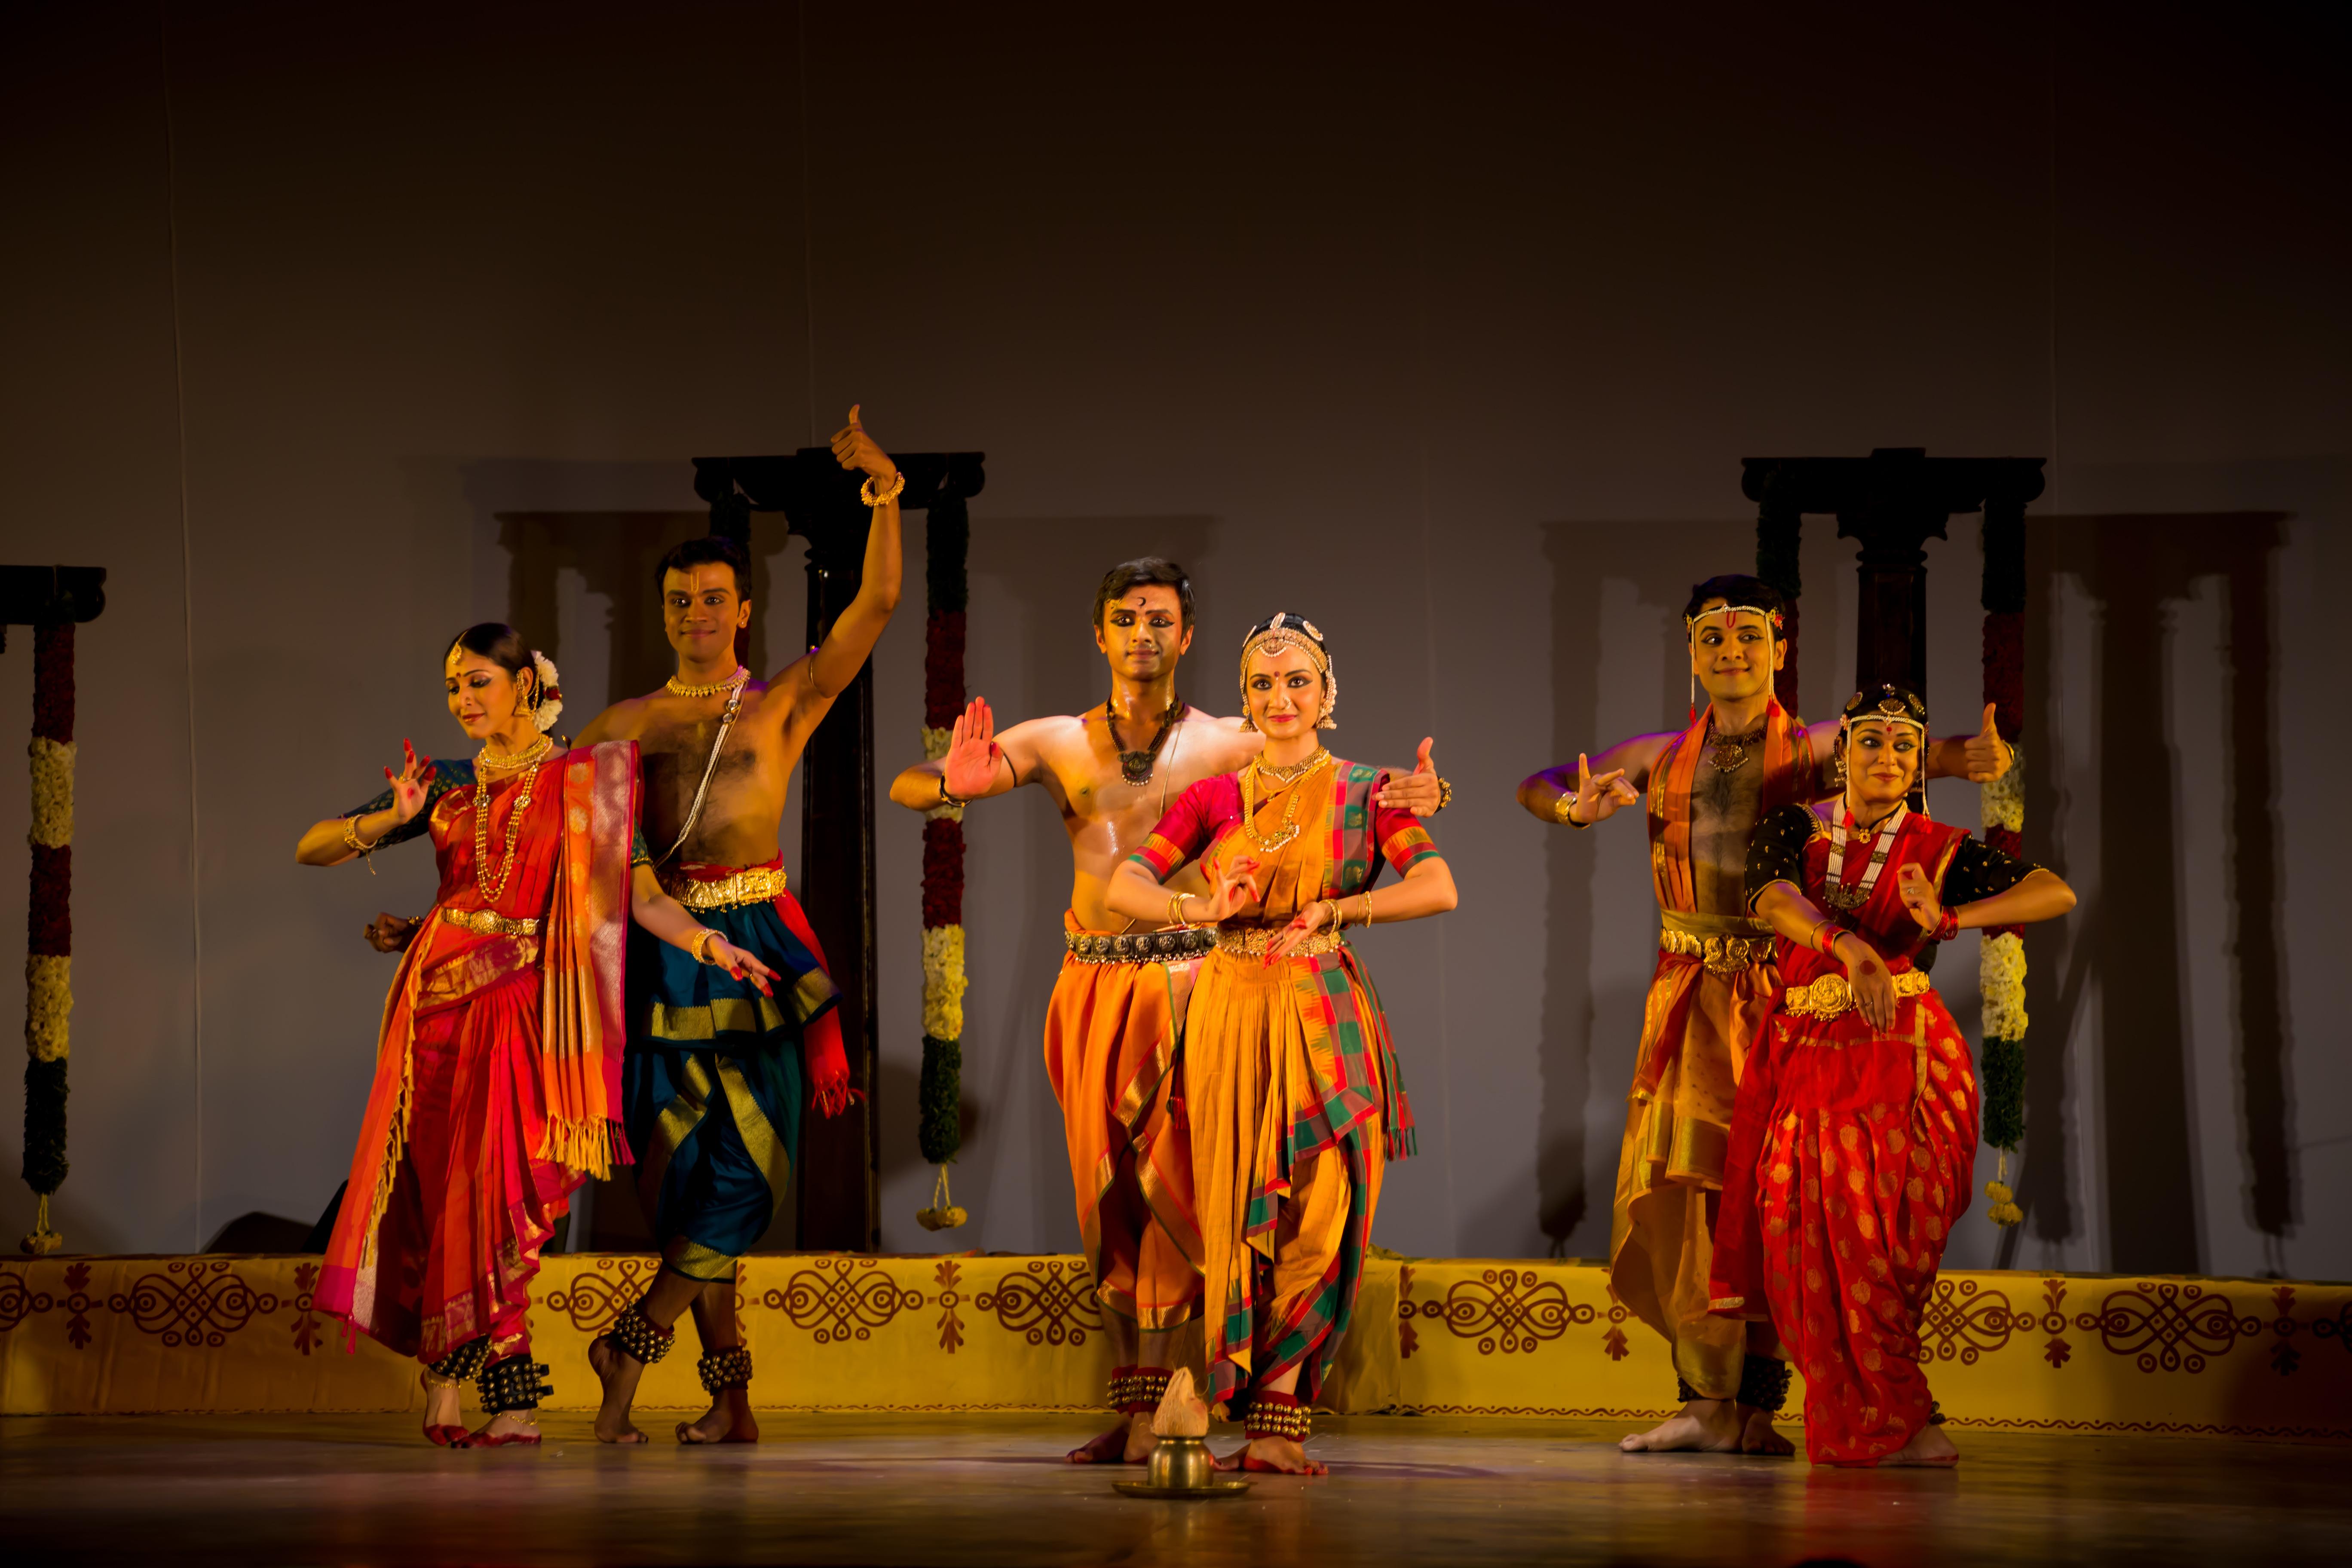 दिव्य विवाहम':पौराणिक विवाह परंपरेवर नृत्यरचना सादरीकरण